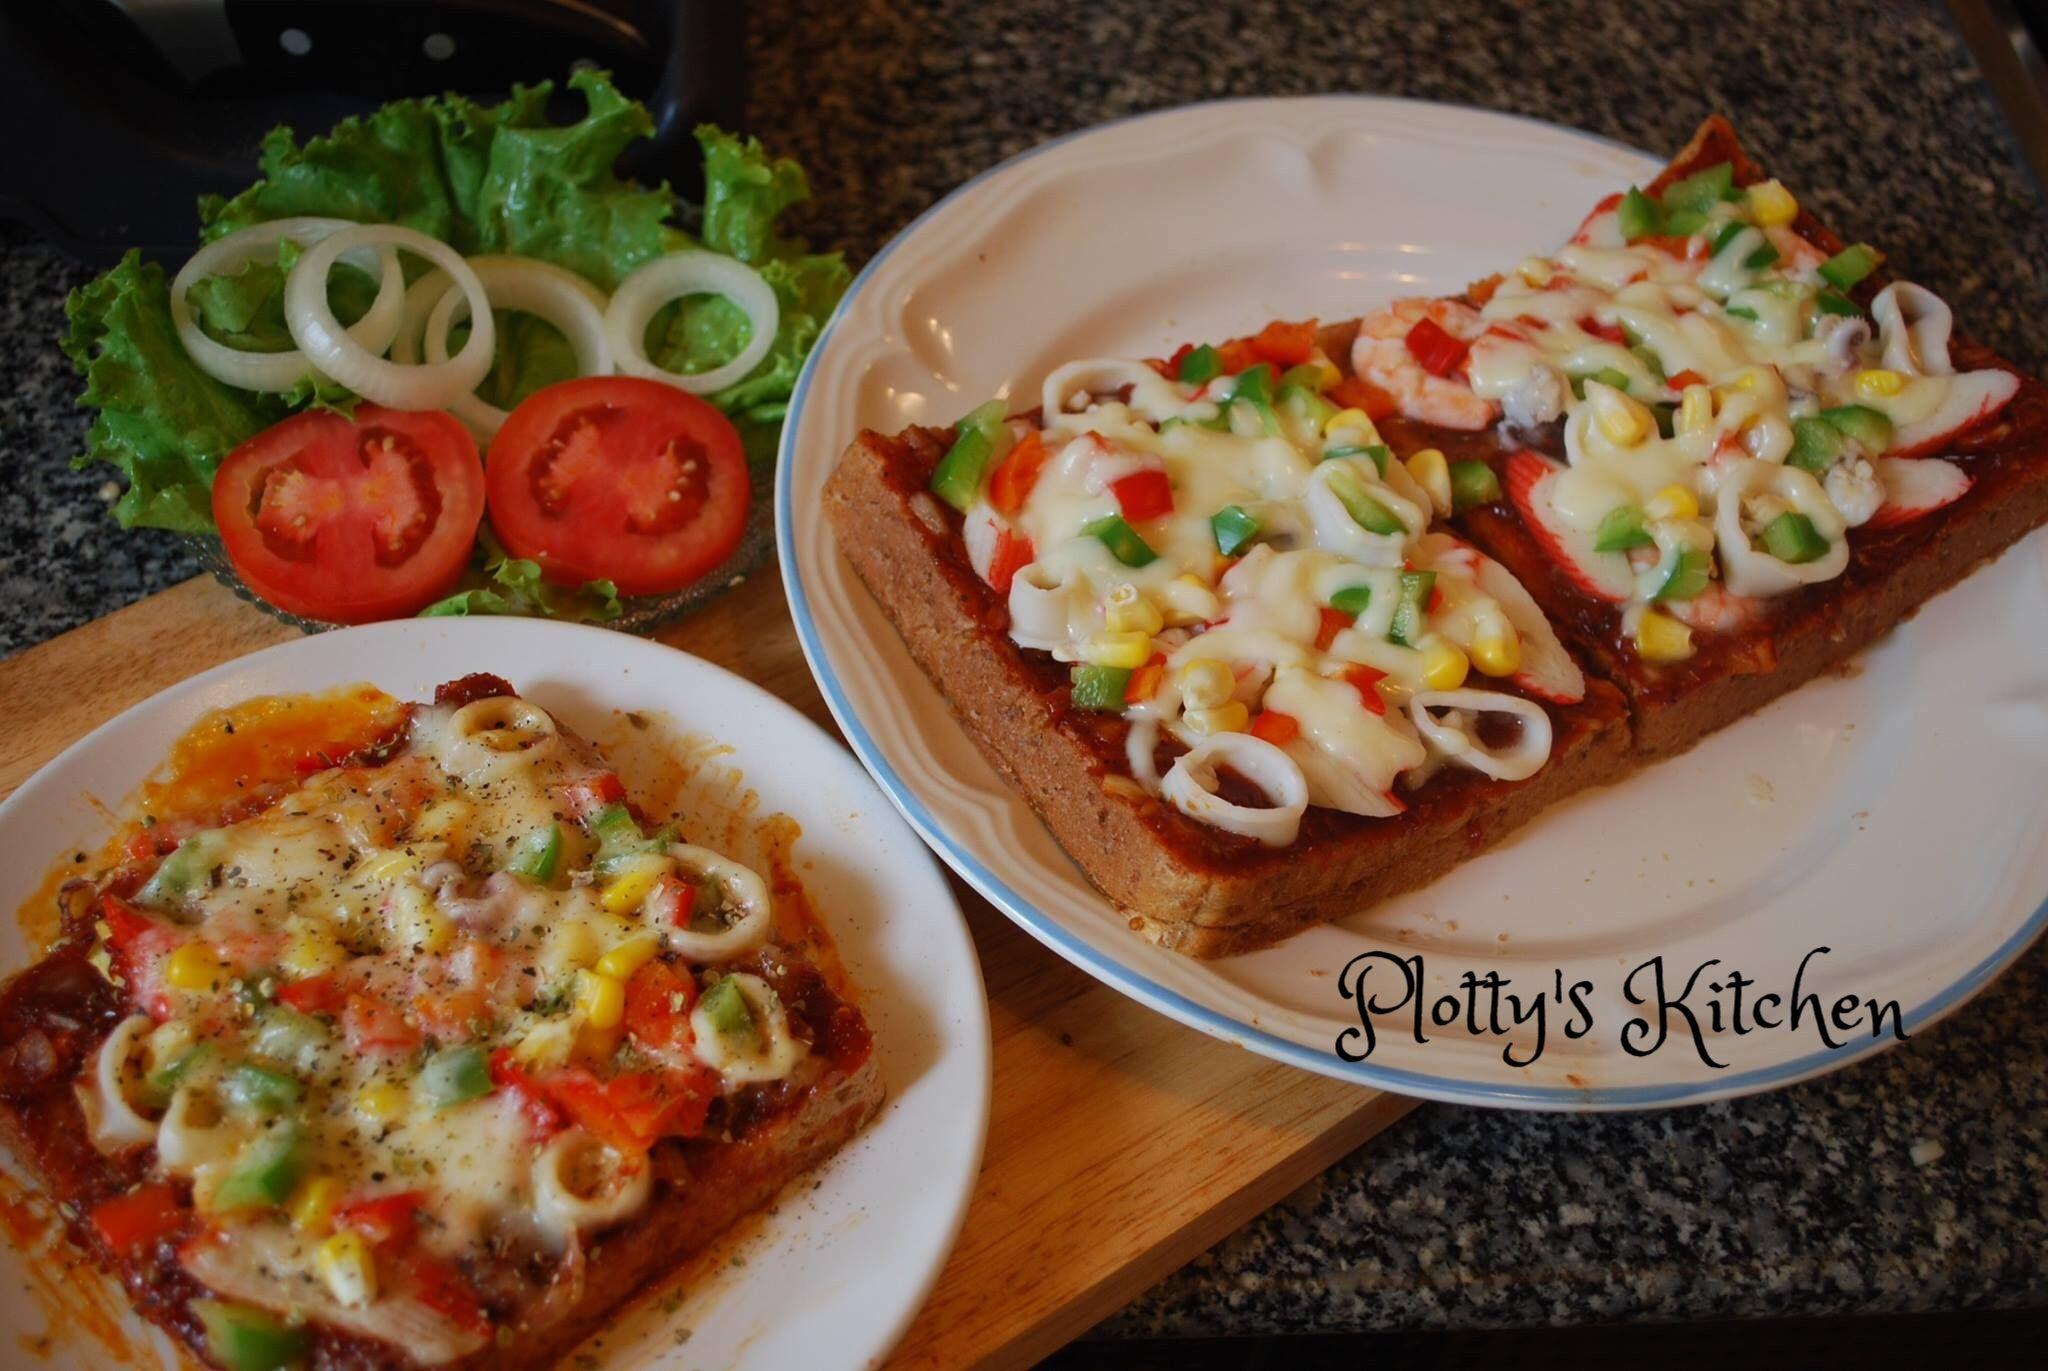 วิธีทำอาหารด้วยไมโครเวฟ เราลงไว้ในเพจค่ะ เผื่อสนใจแวะเข้าไปชมได้ค่ะ  https://www.facebook.com/Food.By.Rita